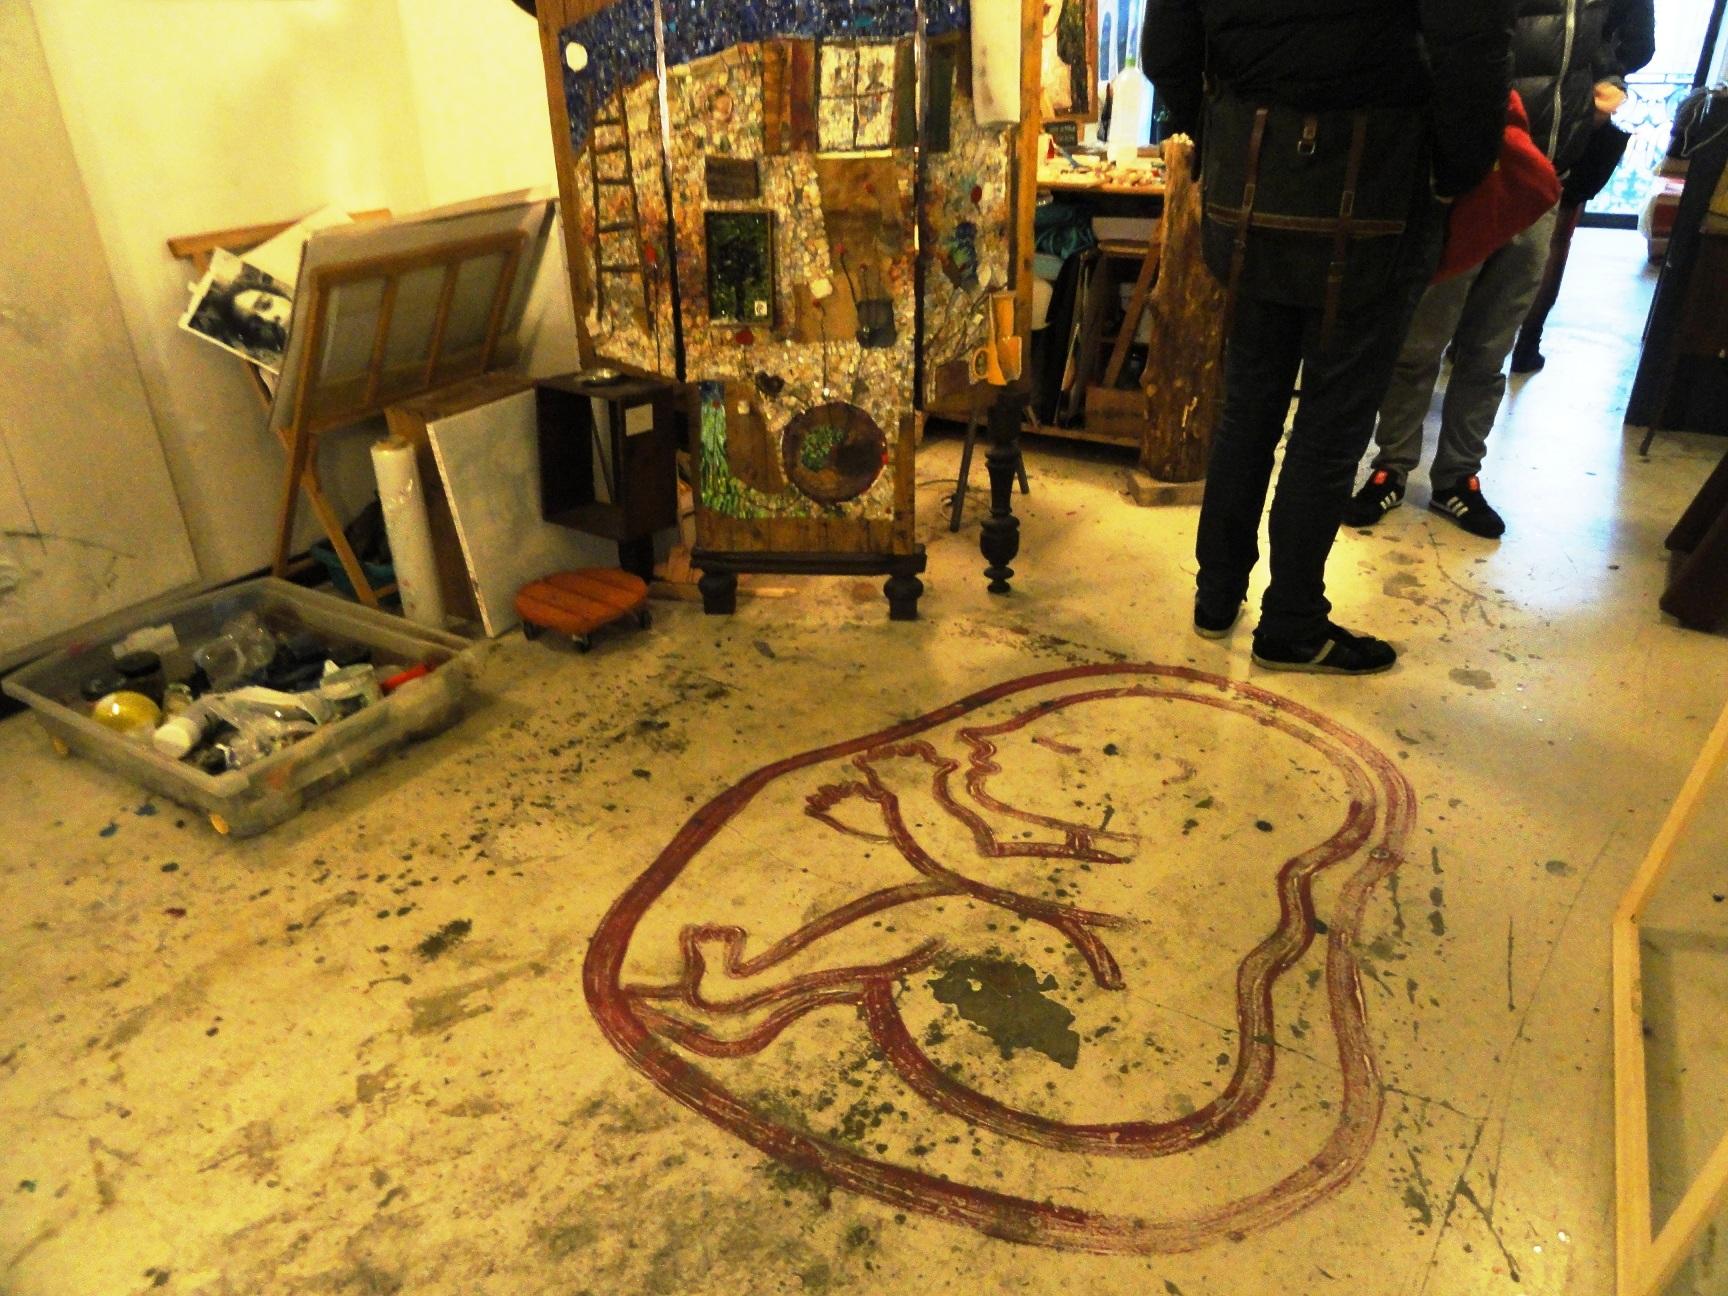 59 rue de Rivoli, Paris 1er - Atelier de Sébastien Lecca